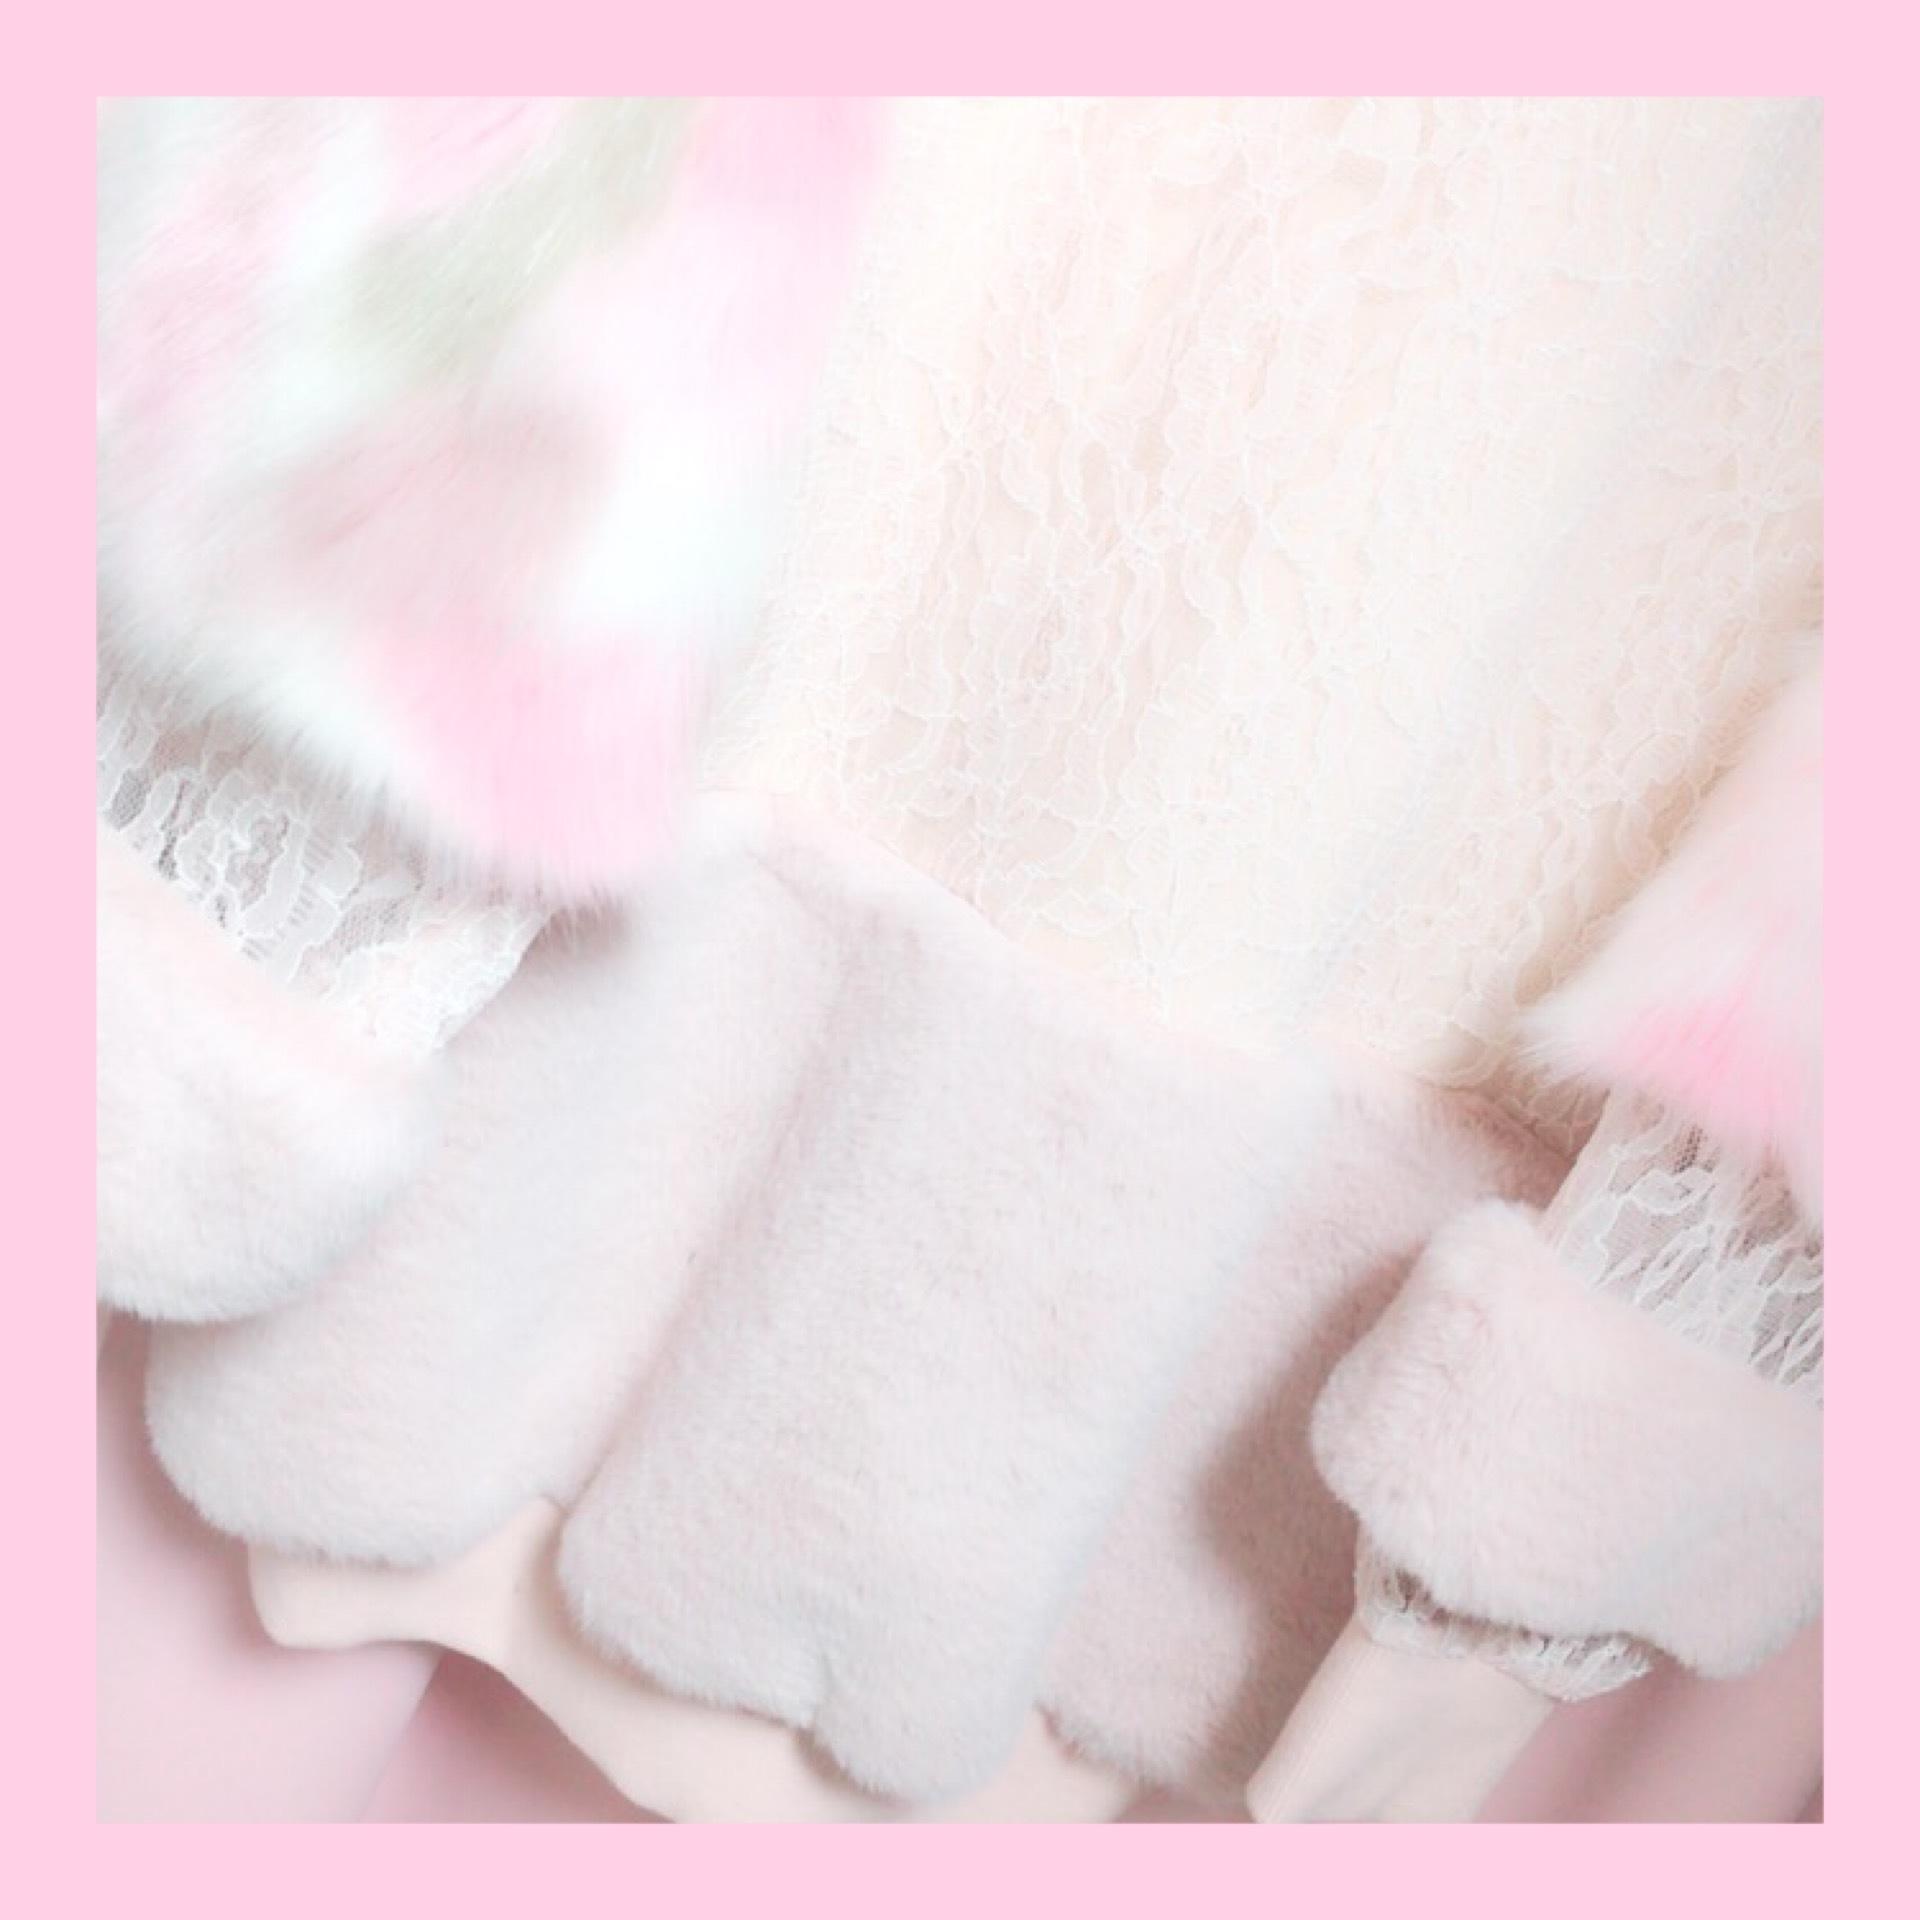 冬の購入品 ❄︎ 『 one spo  ファーワンピ 』_1_2